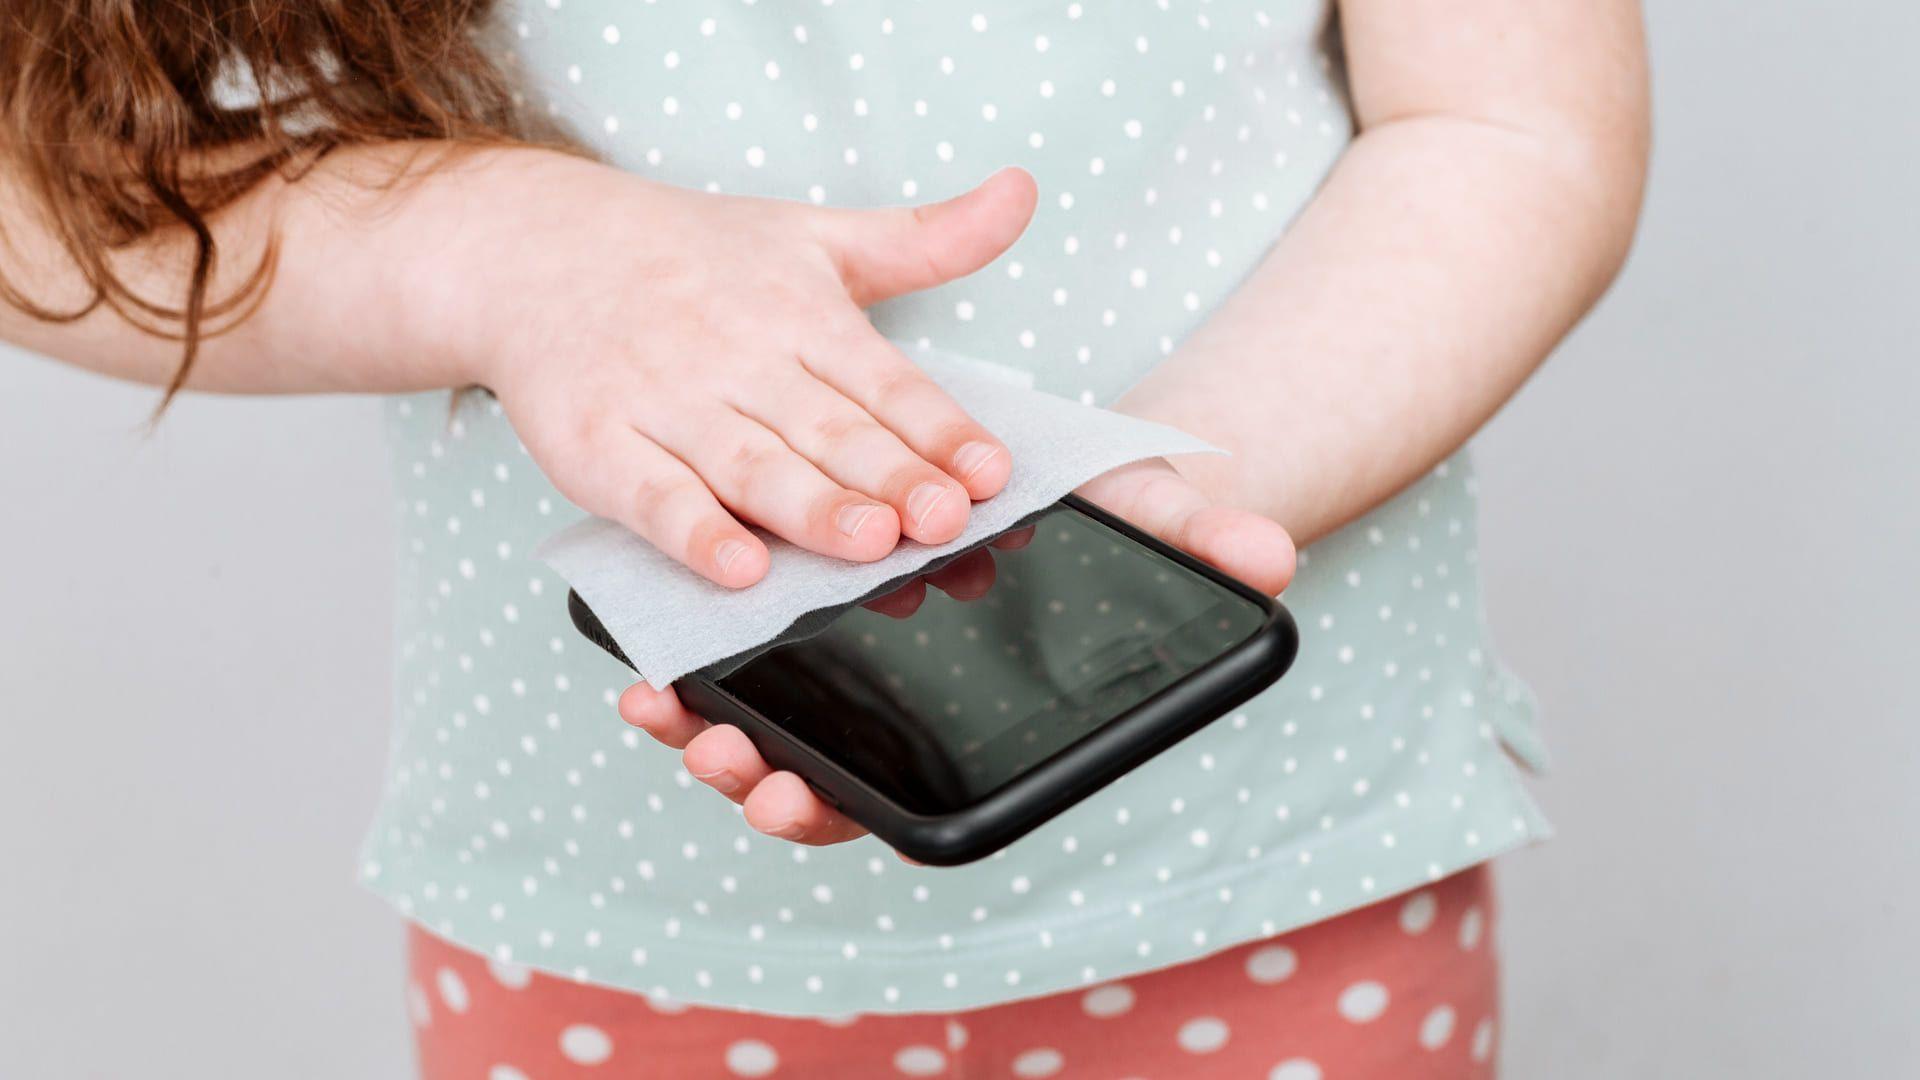 Como tirar água do celular? Seque ele bem (Foto: Shutterstock)